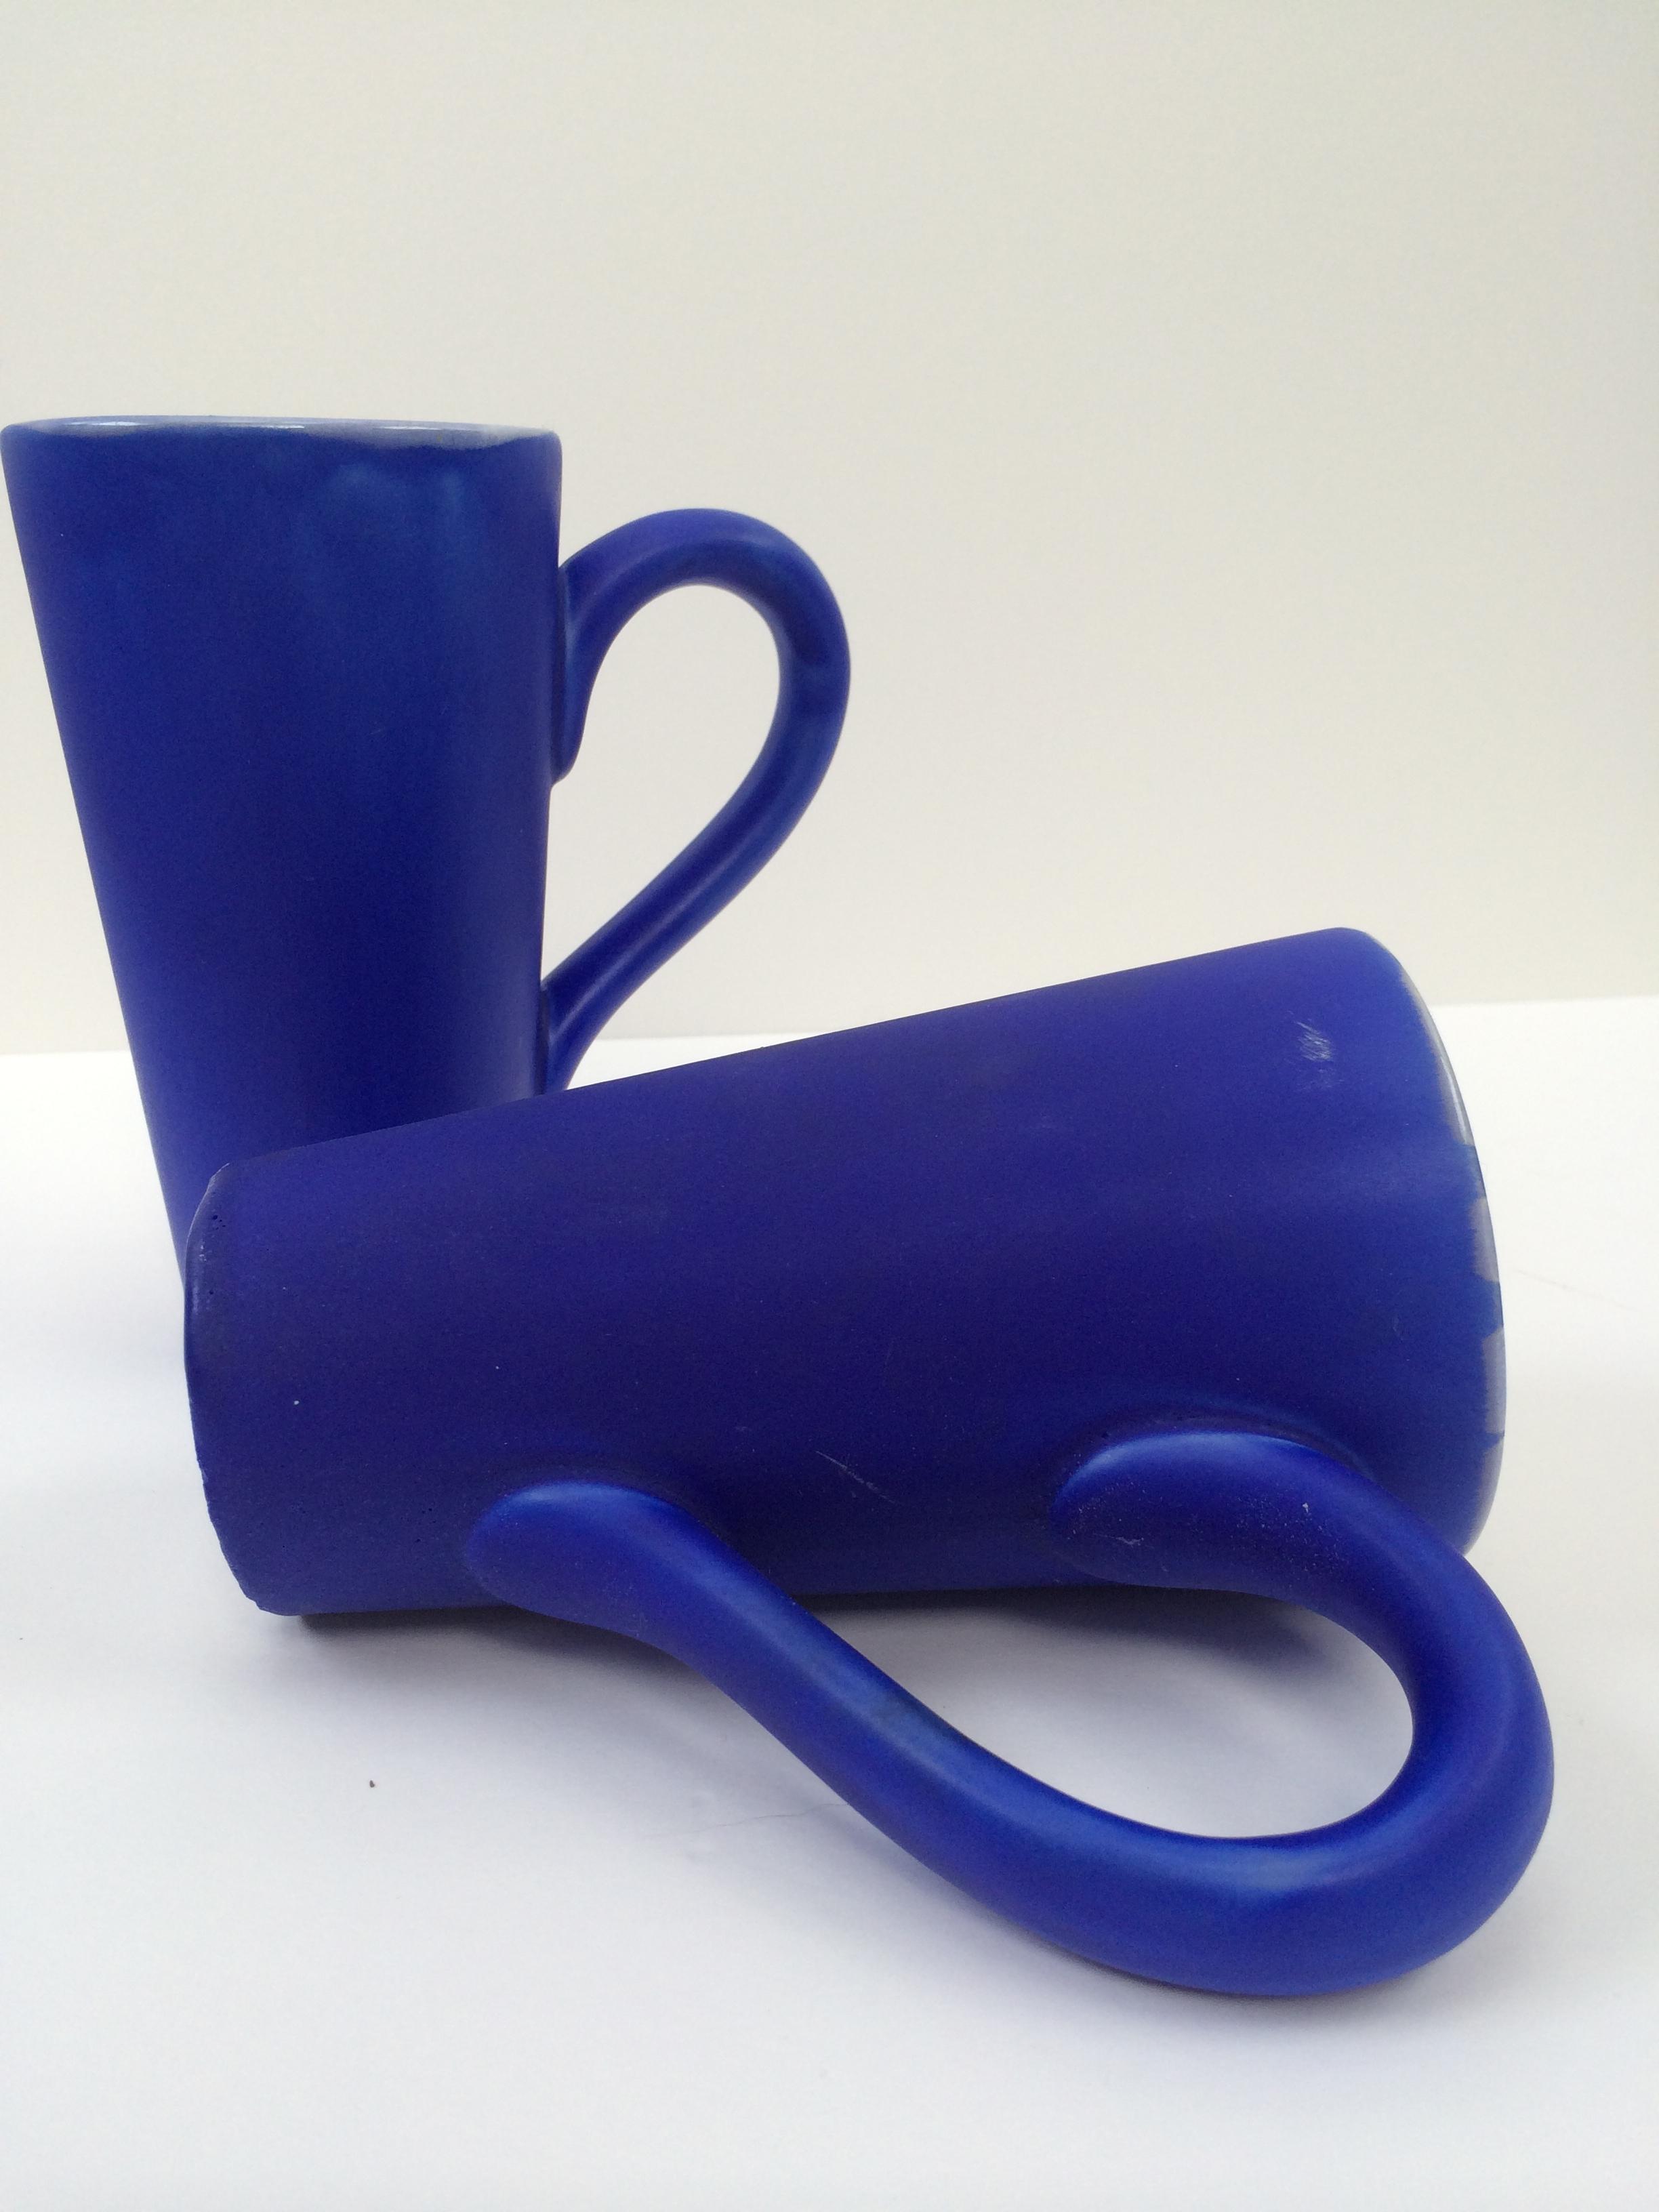 sculpture blue jugs